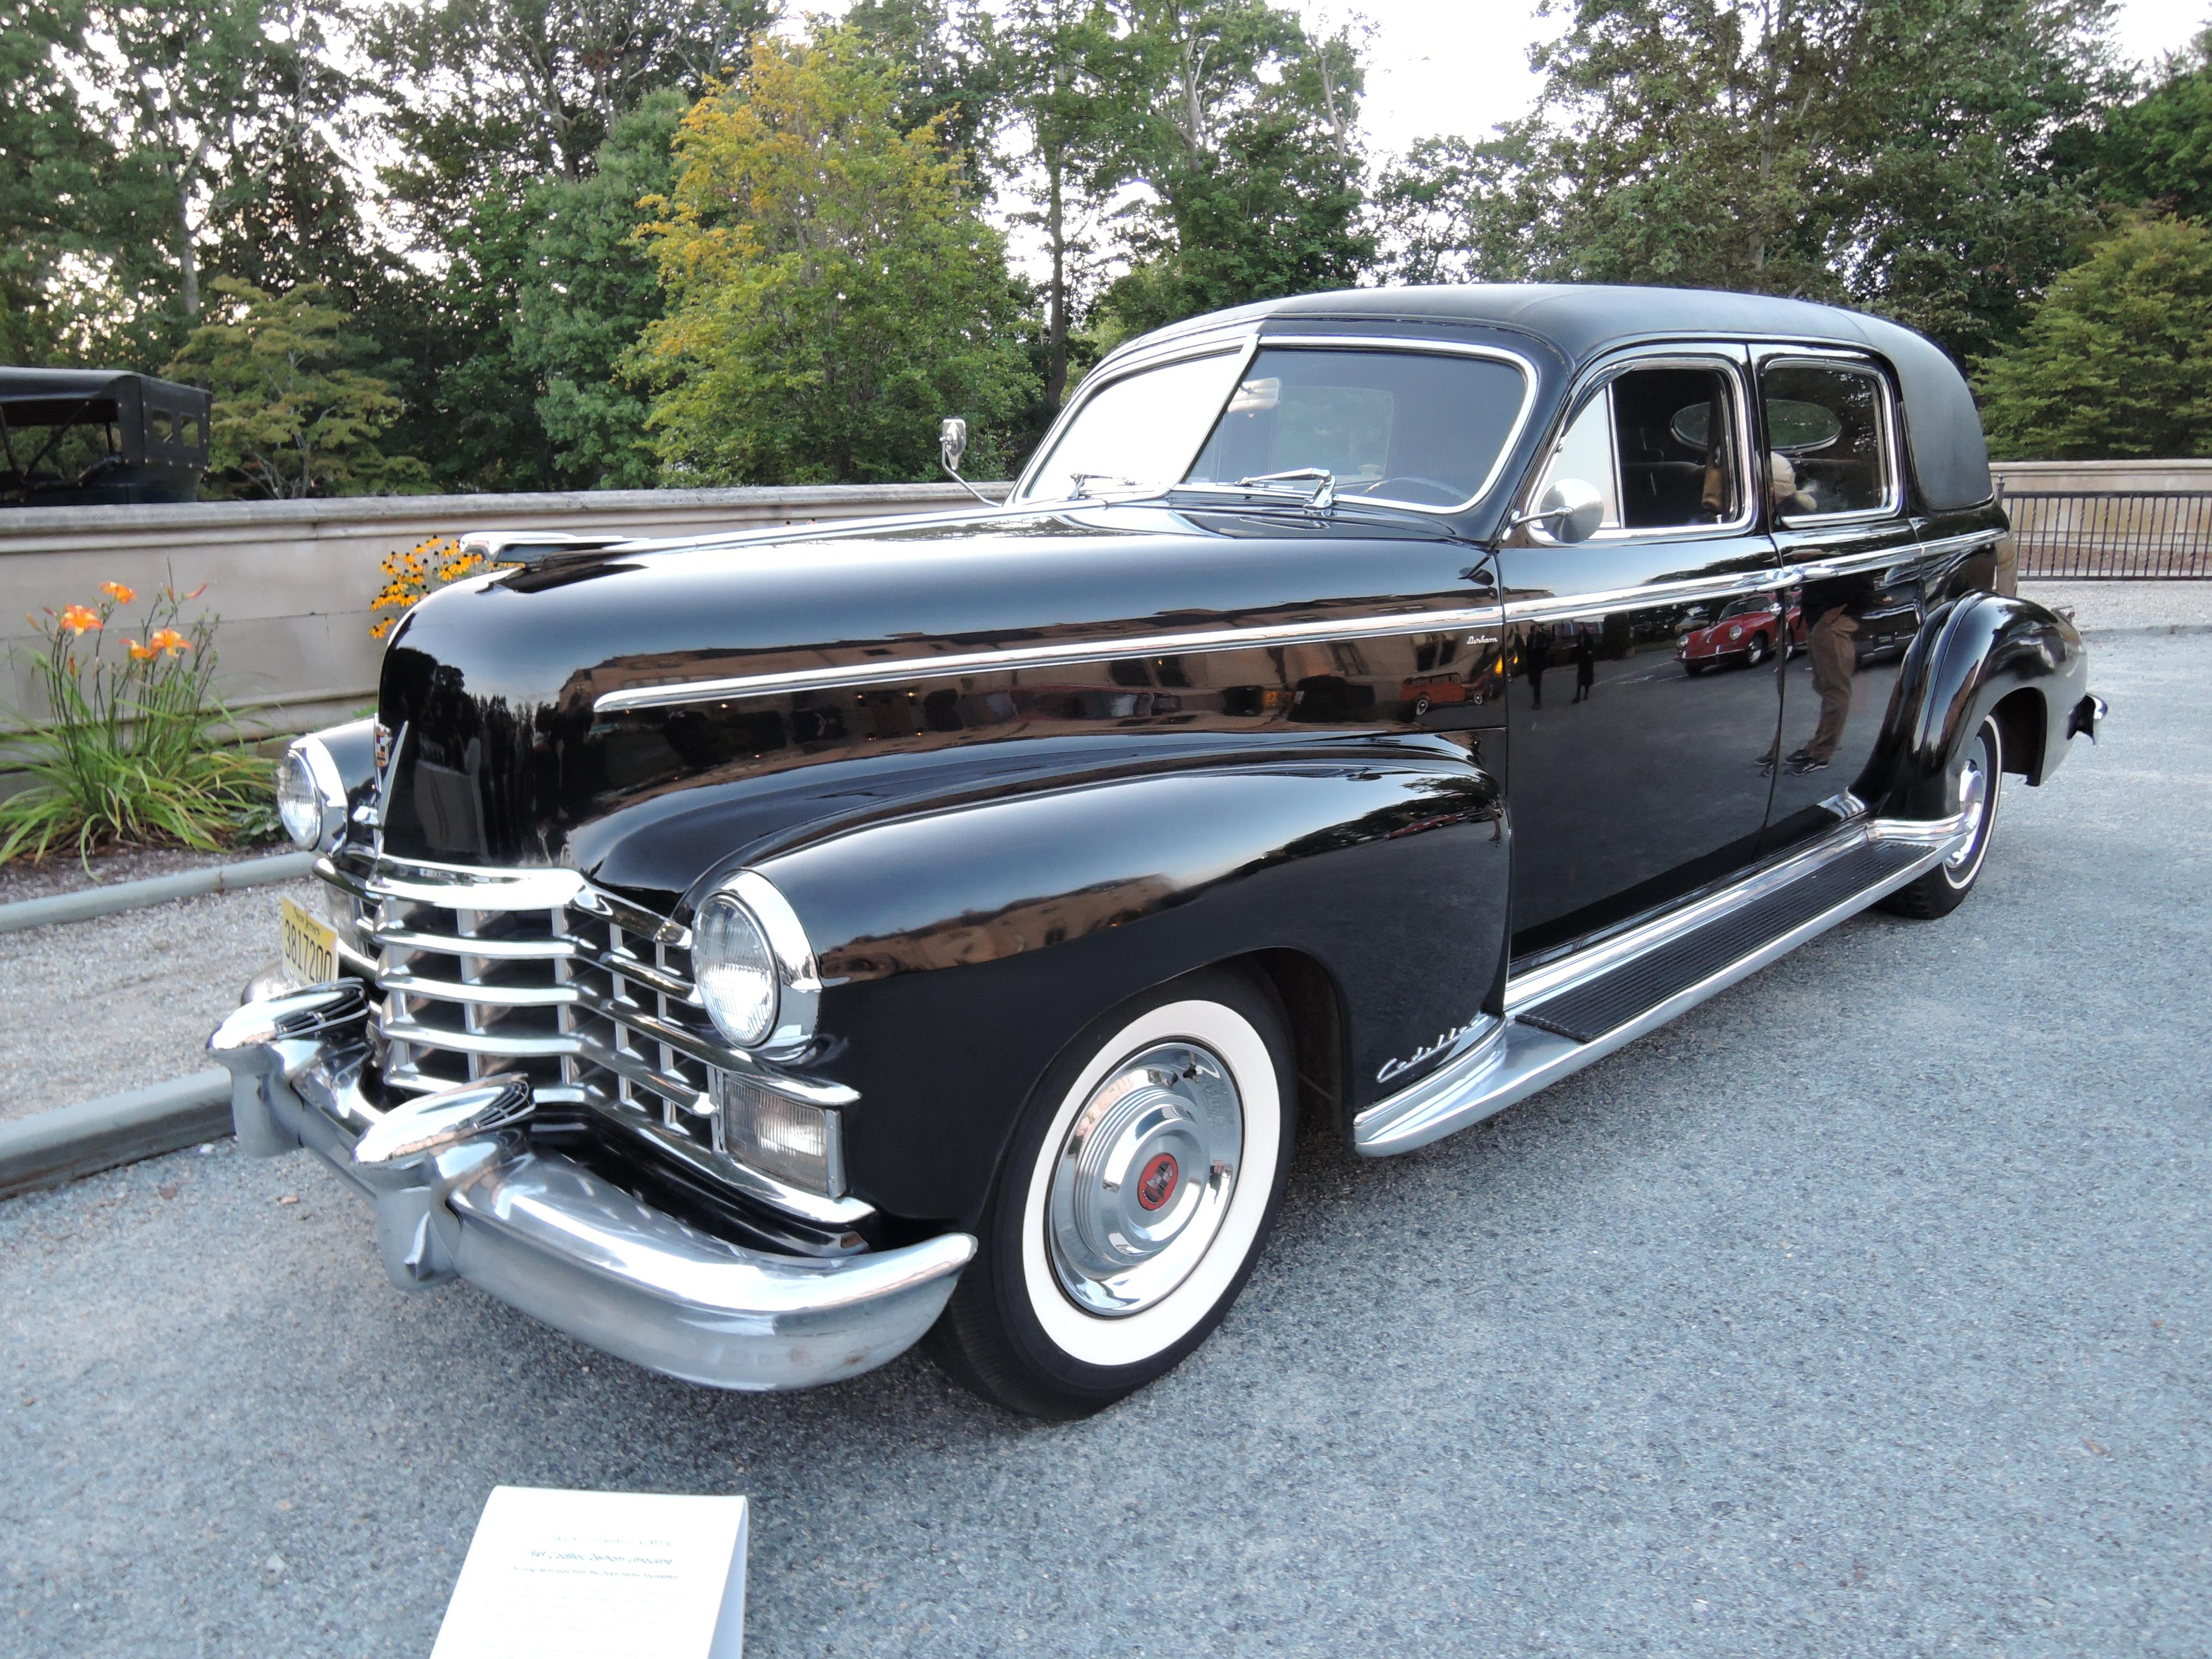 black 1949 Cadillac Derham Limousine - Audrain Auto Museum Gala 2017